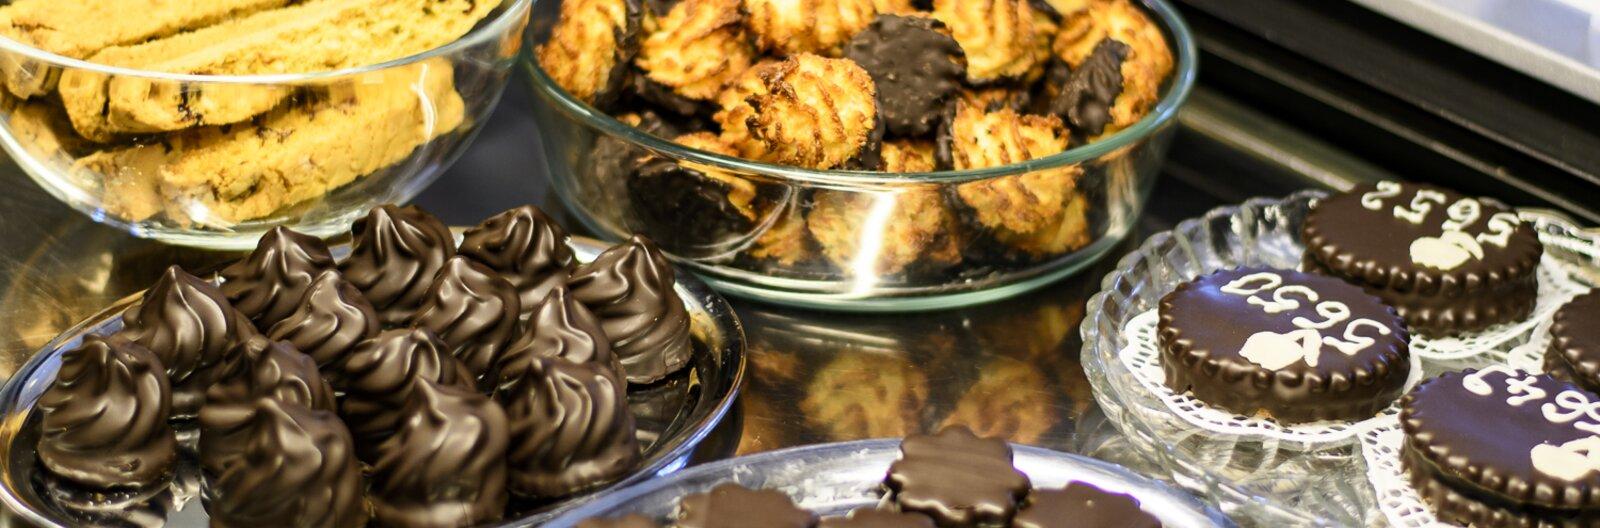 A somlóitól a mentes tortáig: 10 cukrászda, ahonnan elhozhatjuk a kedvenc sütinket